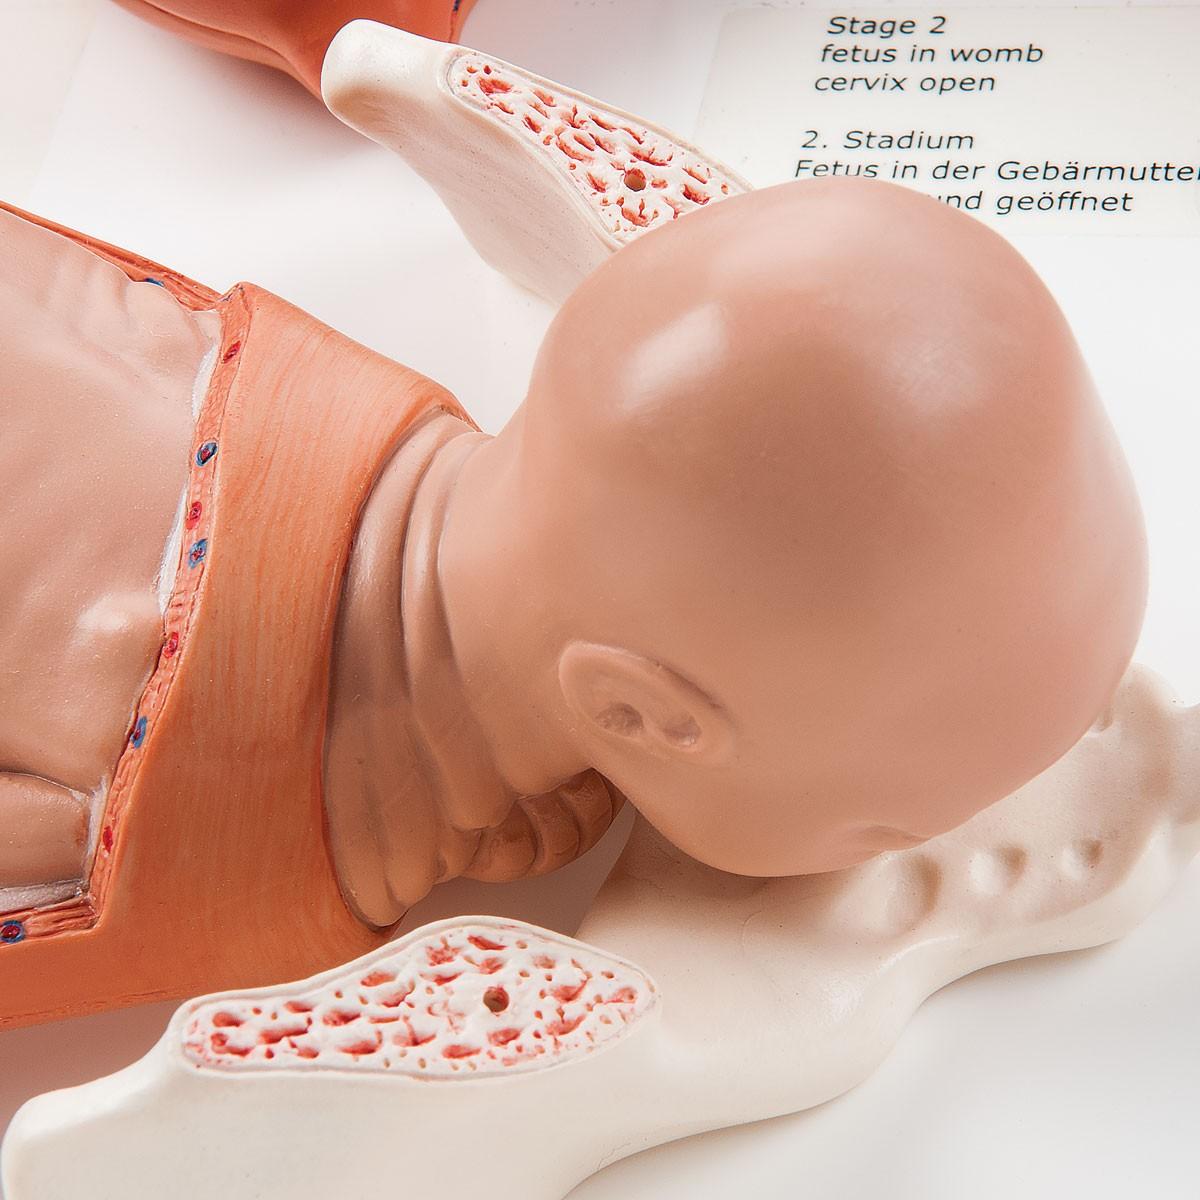 Geburtsstadien Modell